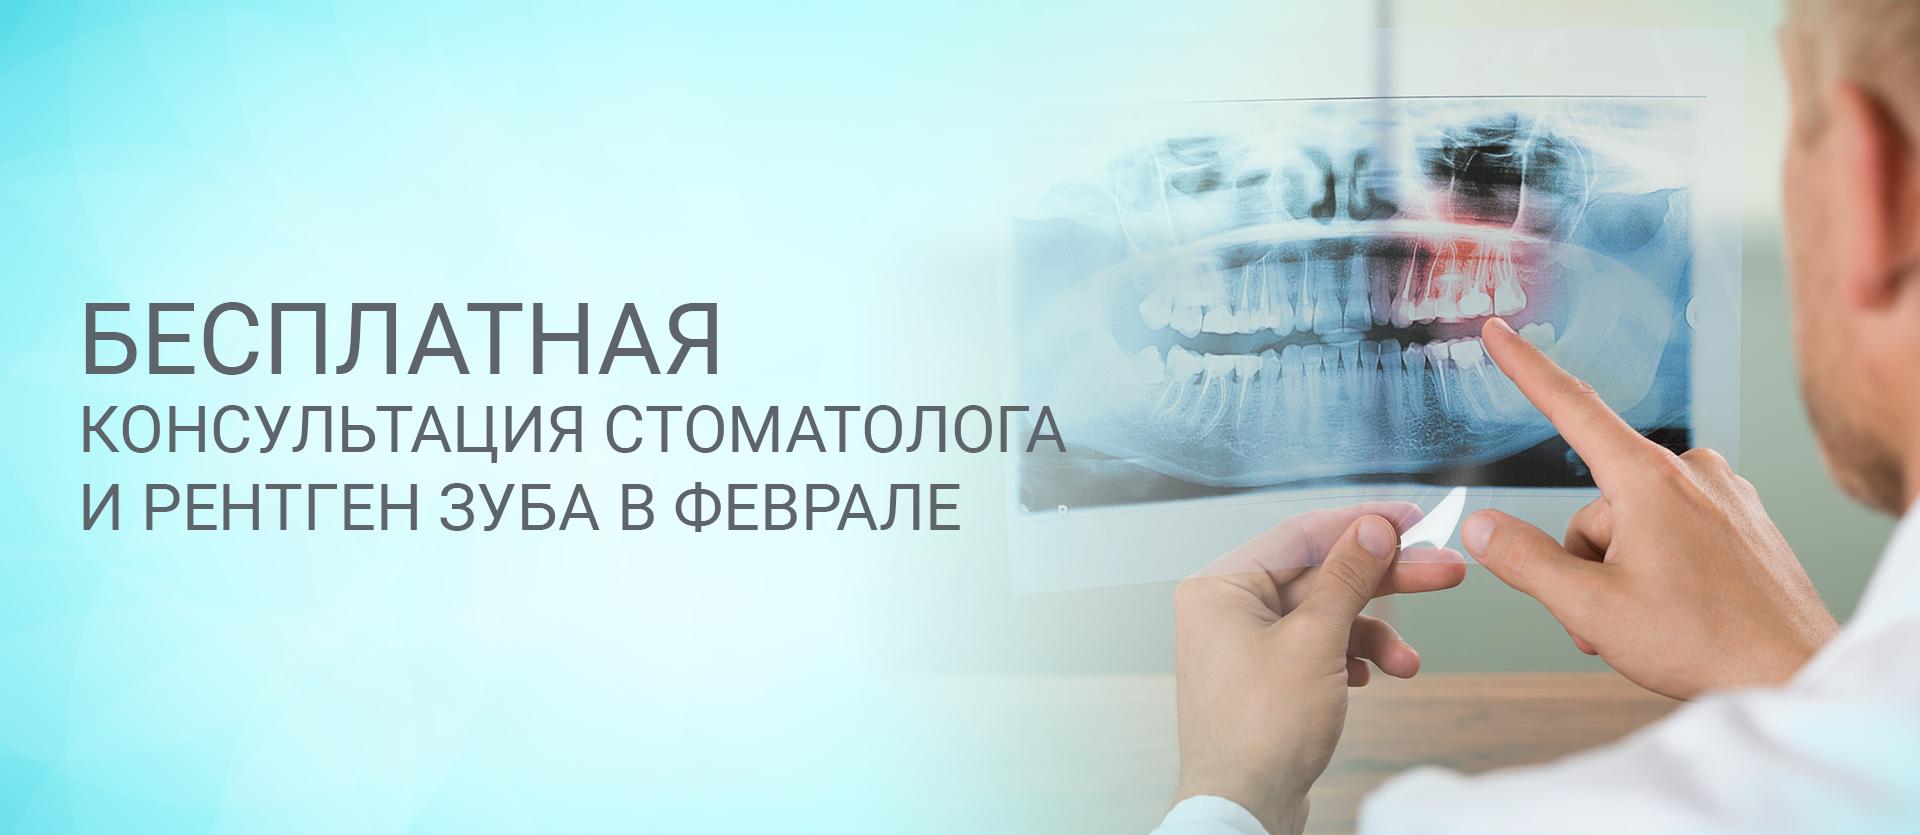 Бесплатная консультация стоматолога и рентген зуба в феврале